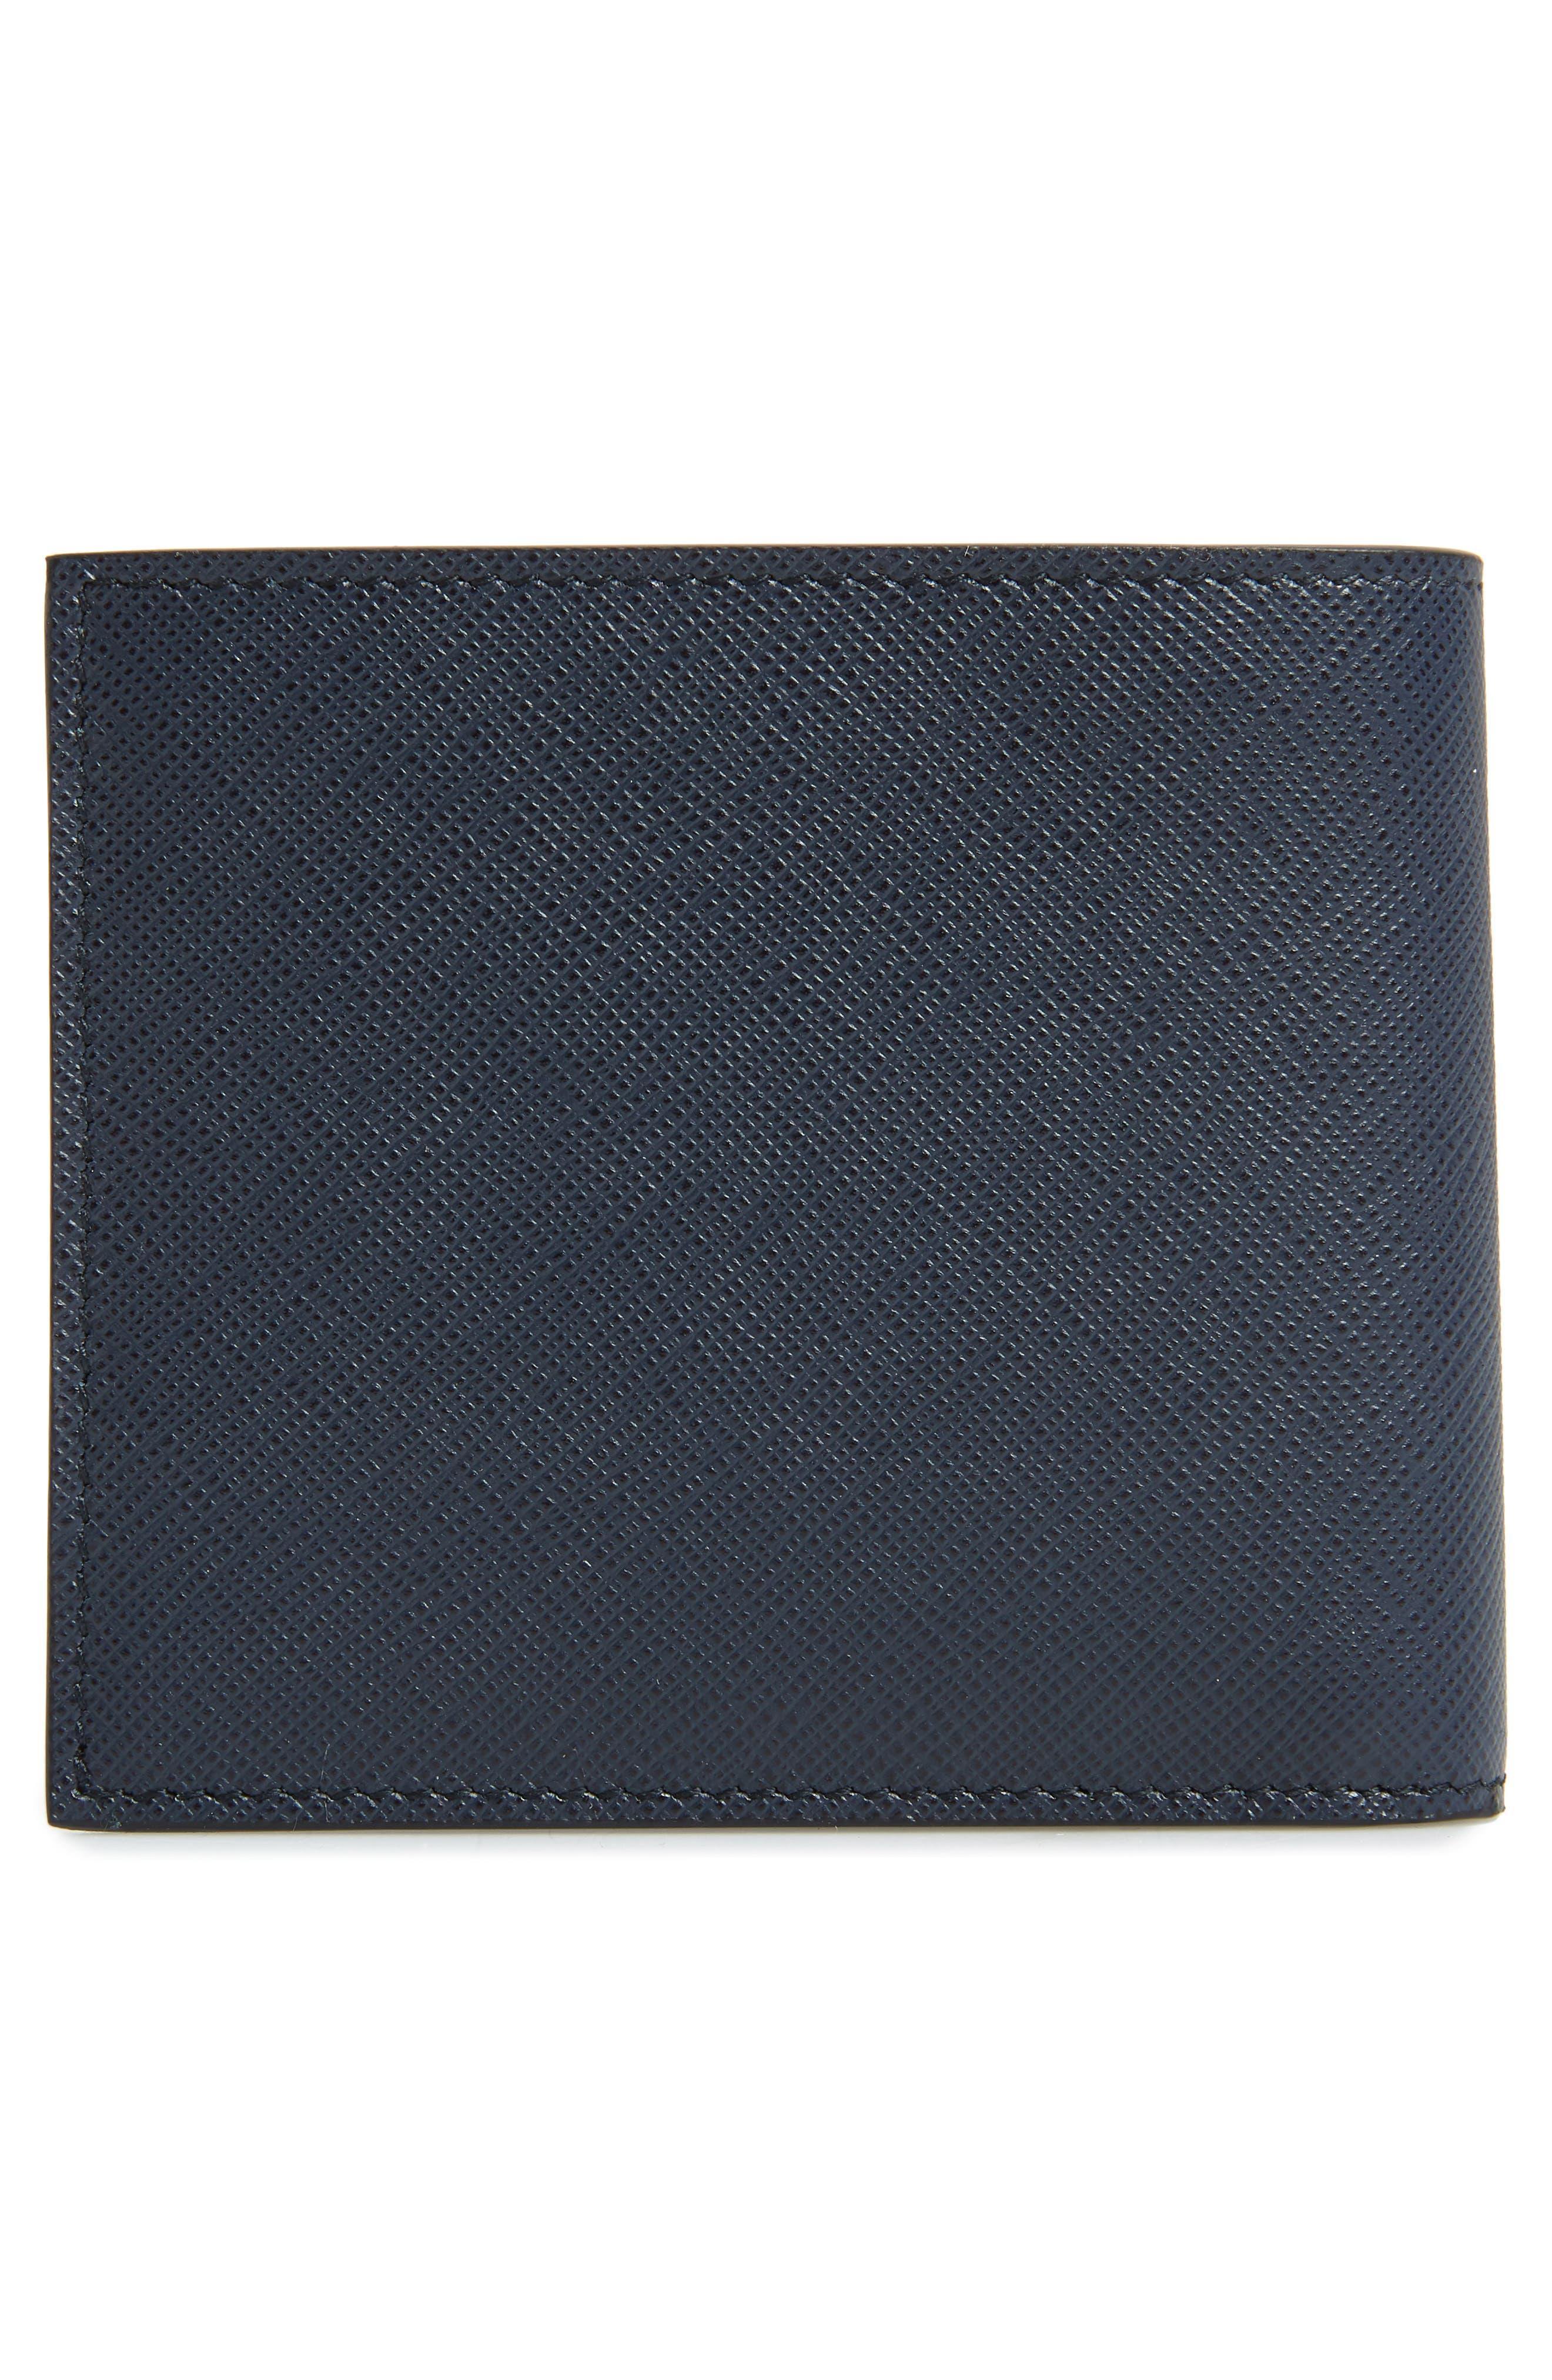 Bicolor Leather Wallet,                             Alternate thumbnail 3, color,                             BLUE